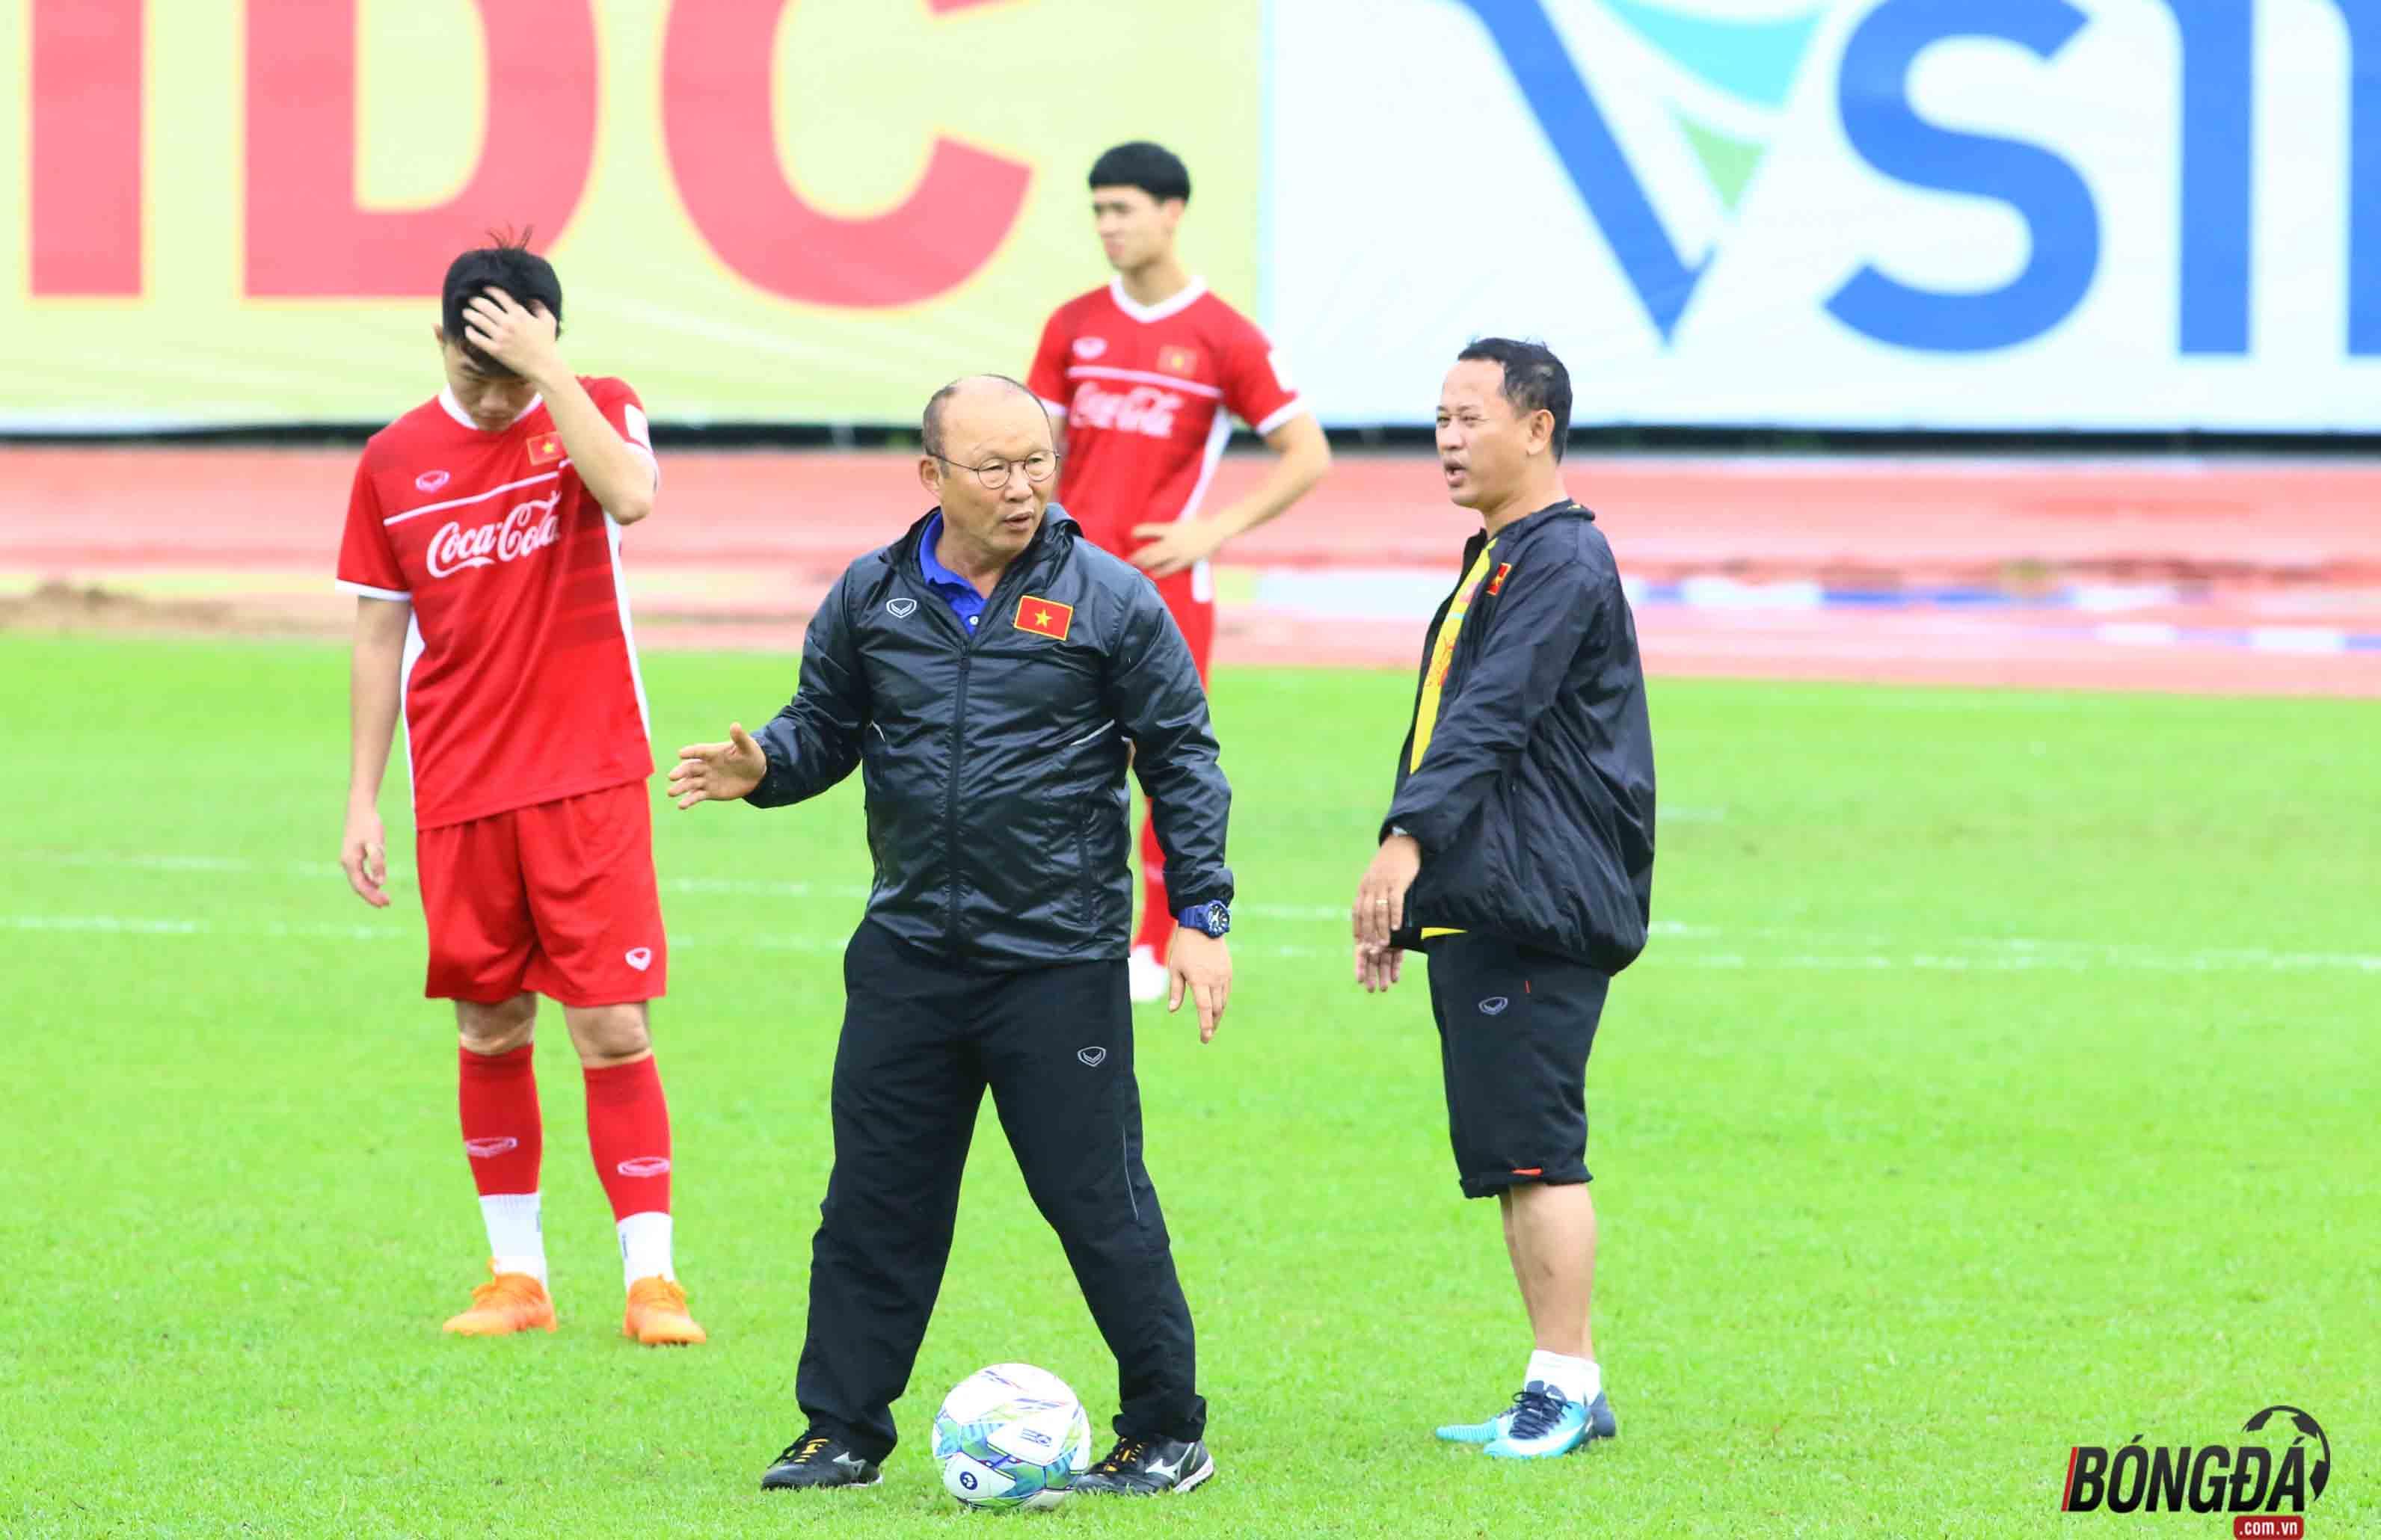 Trở lại Việt Nam, HLV Park Hang-seo chính thức tuyển quân chiến AFF Cup 2018 - Bóng Đá